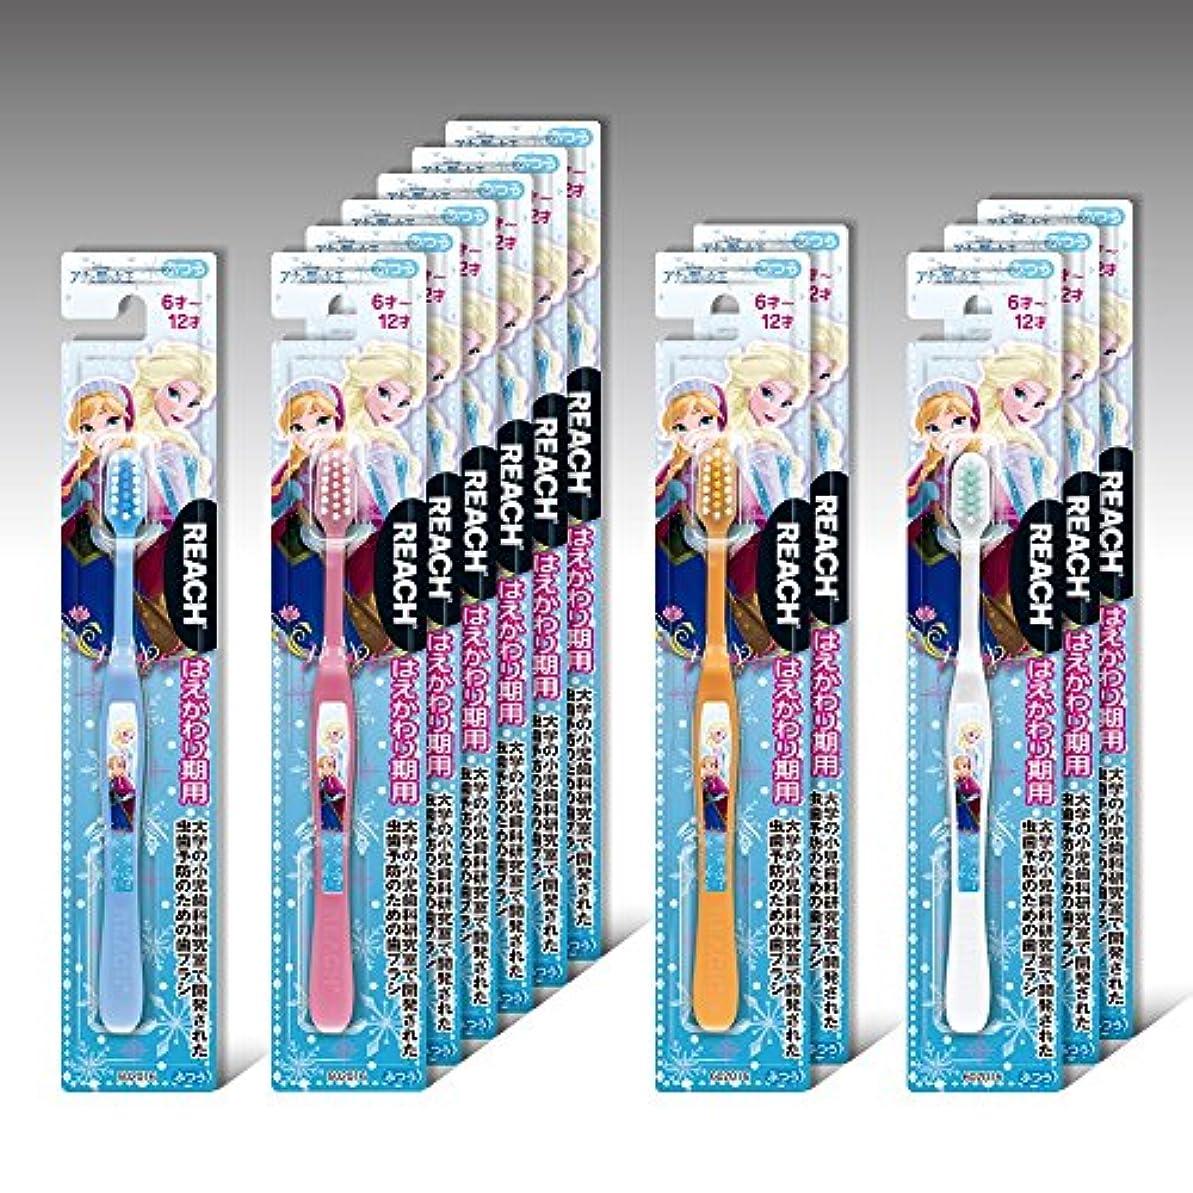 治世レプリカ投資リーチキッズ ディズニー アナと雪の女王 はえかわり期用(6~12才) 12本セット